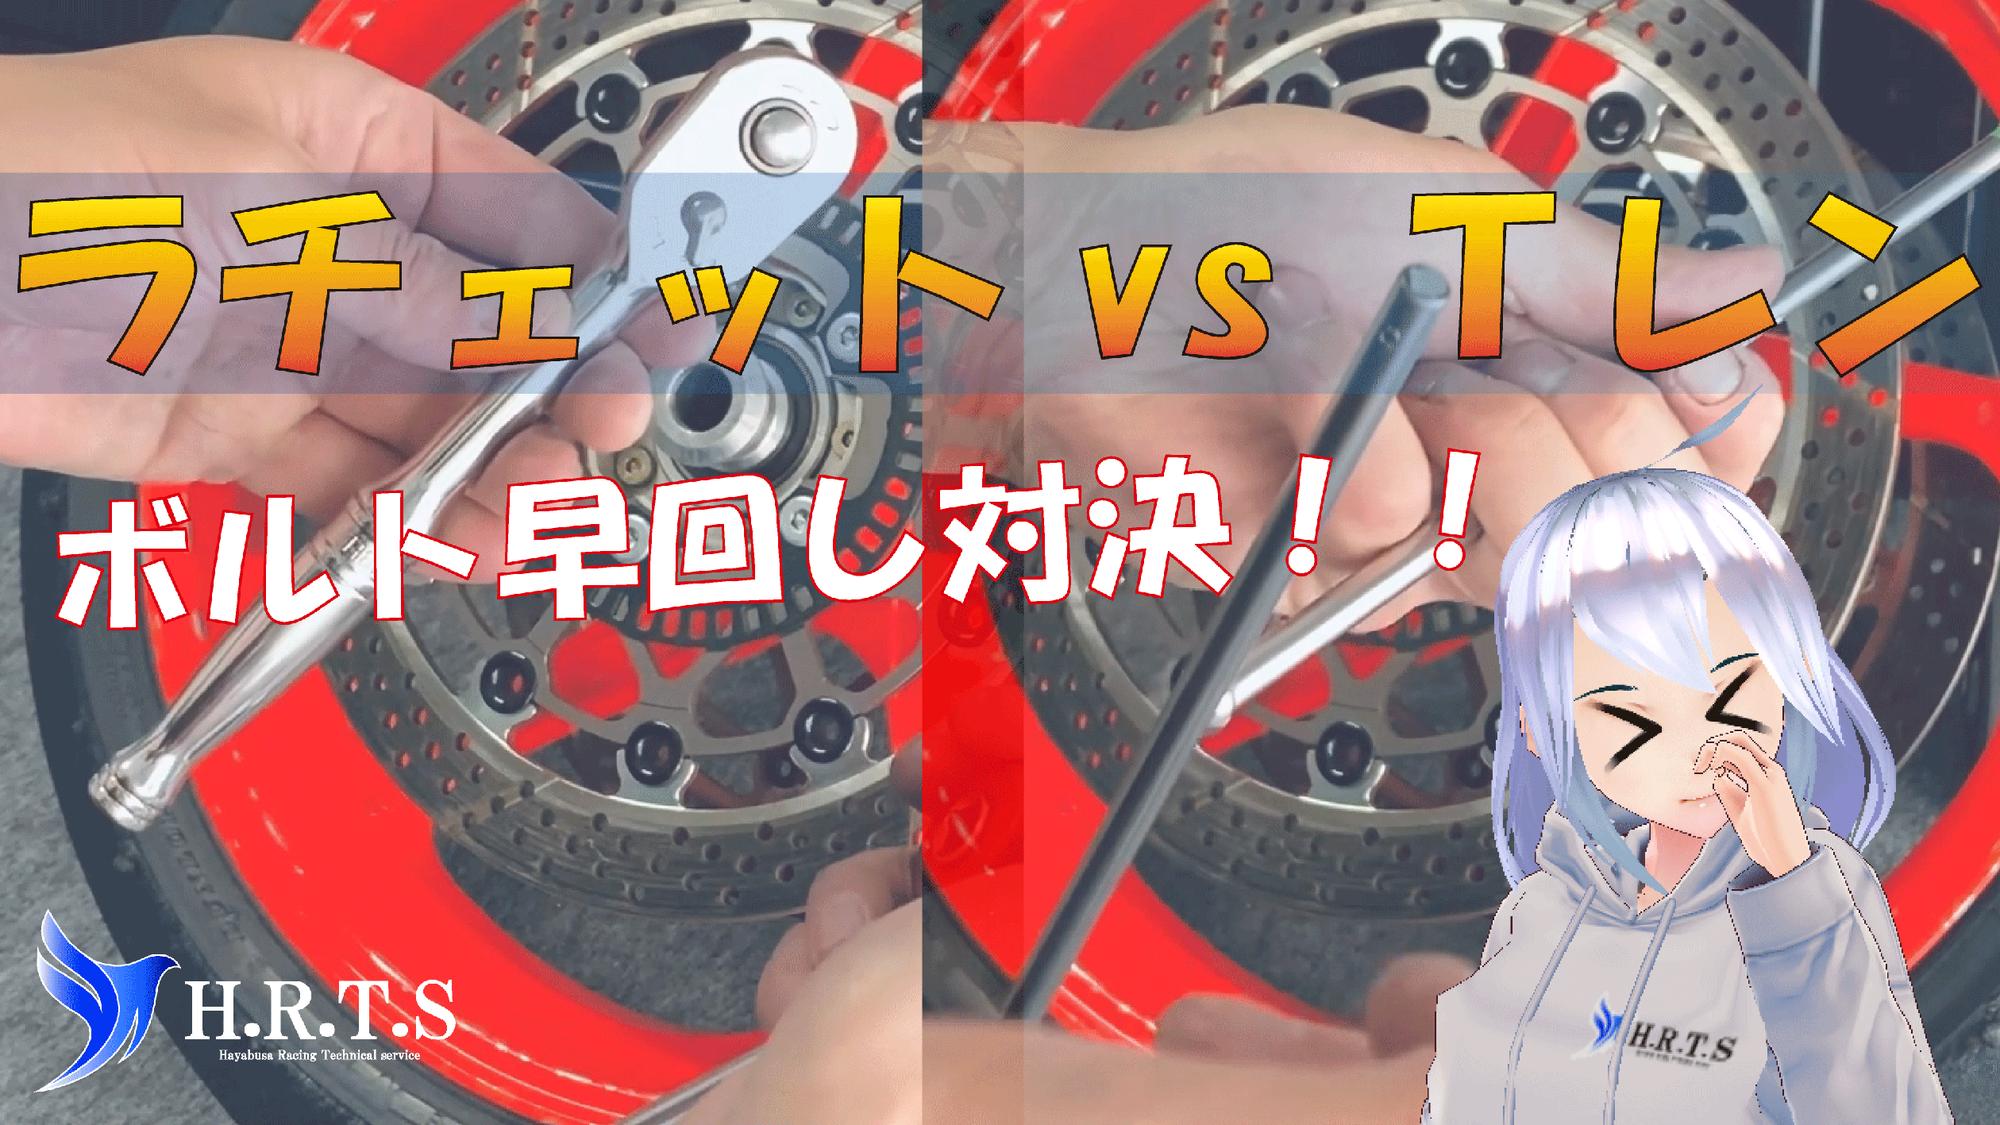 【ラチェット vs Tレン】ボルト早回し対決!!